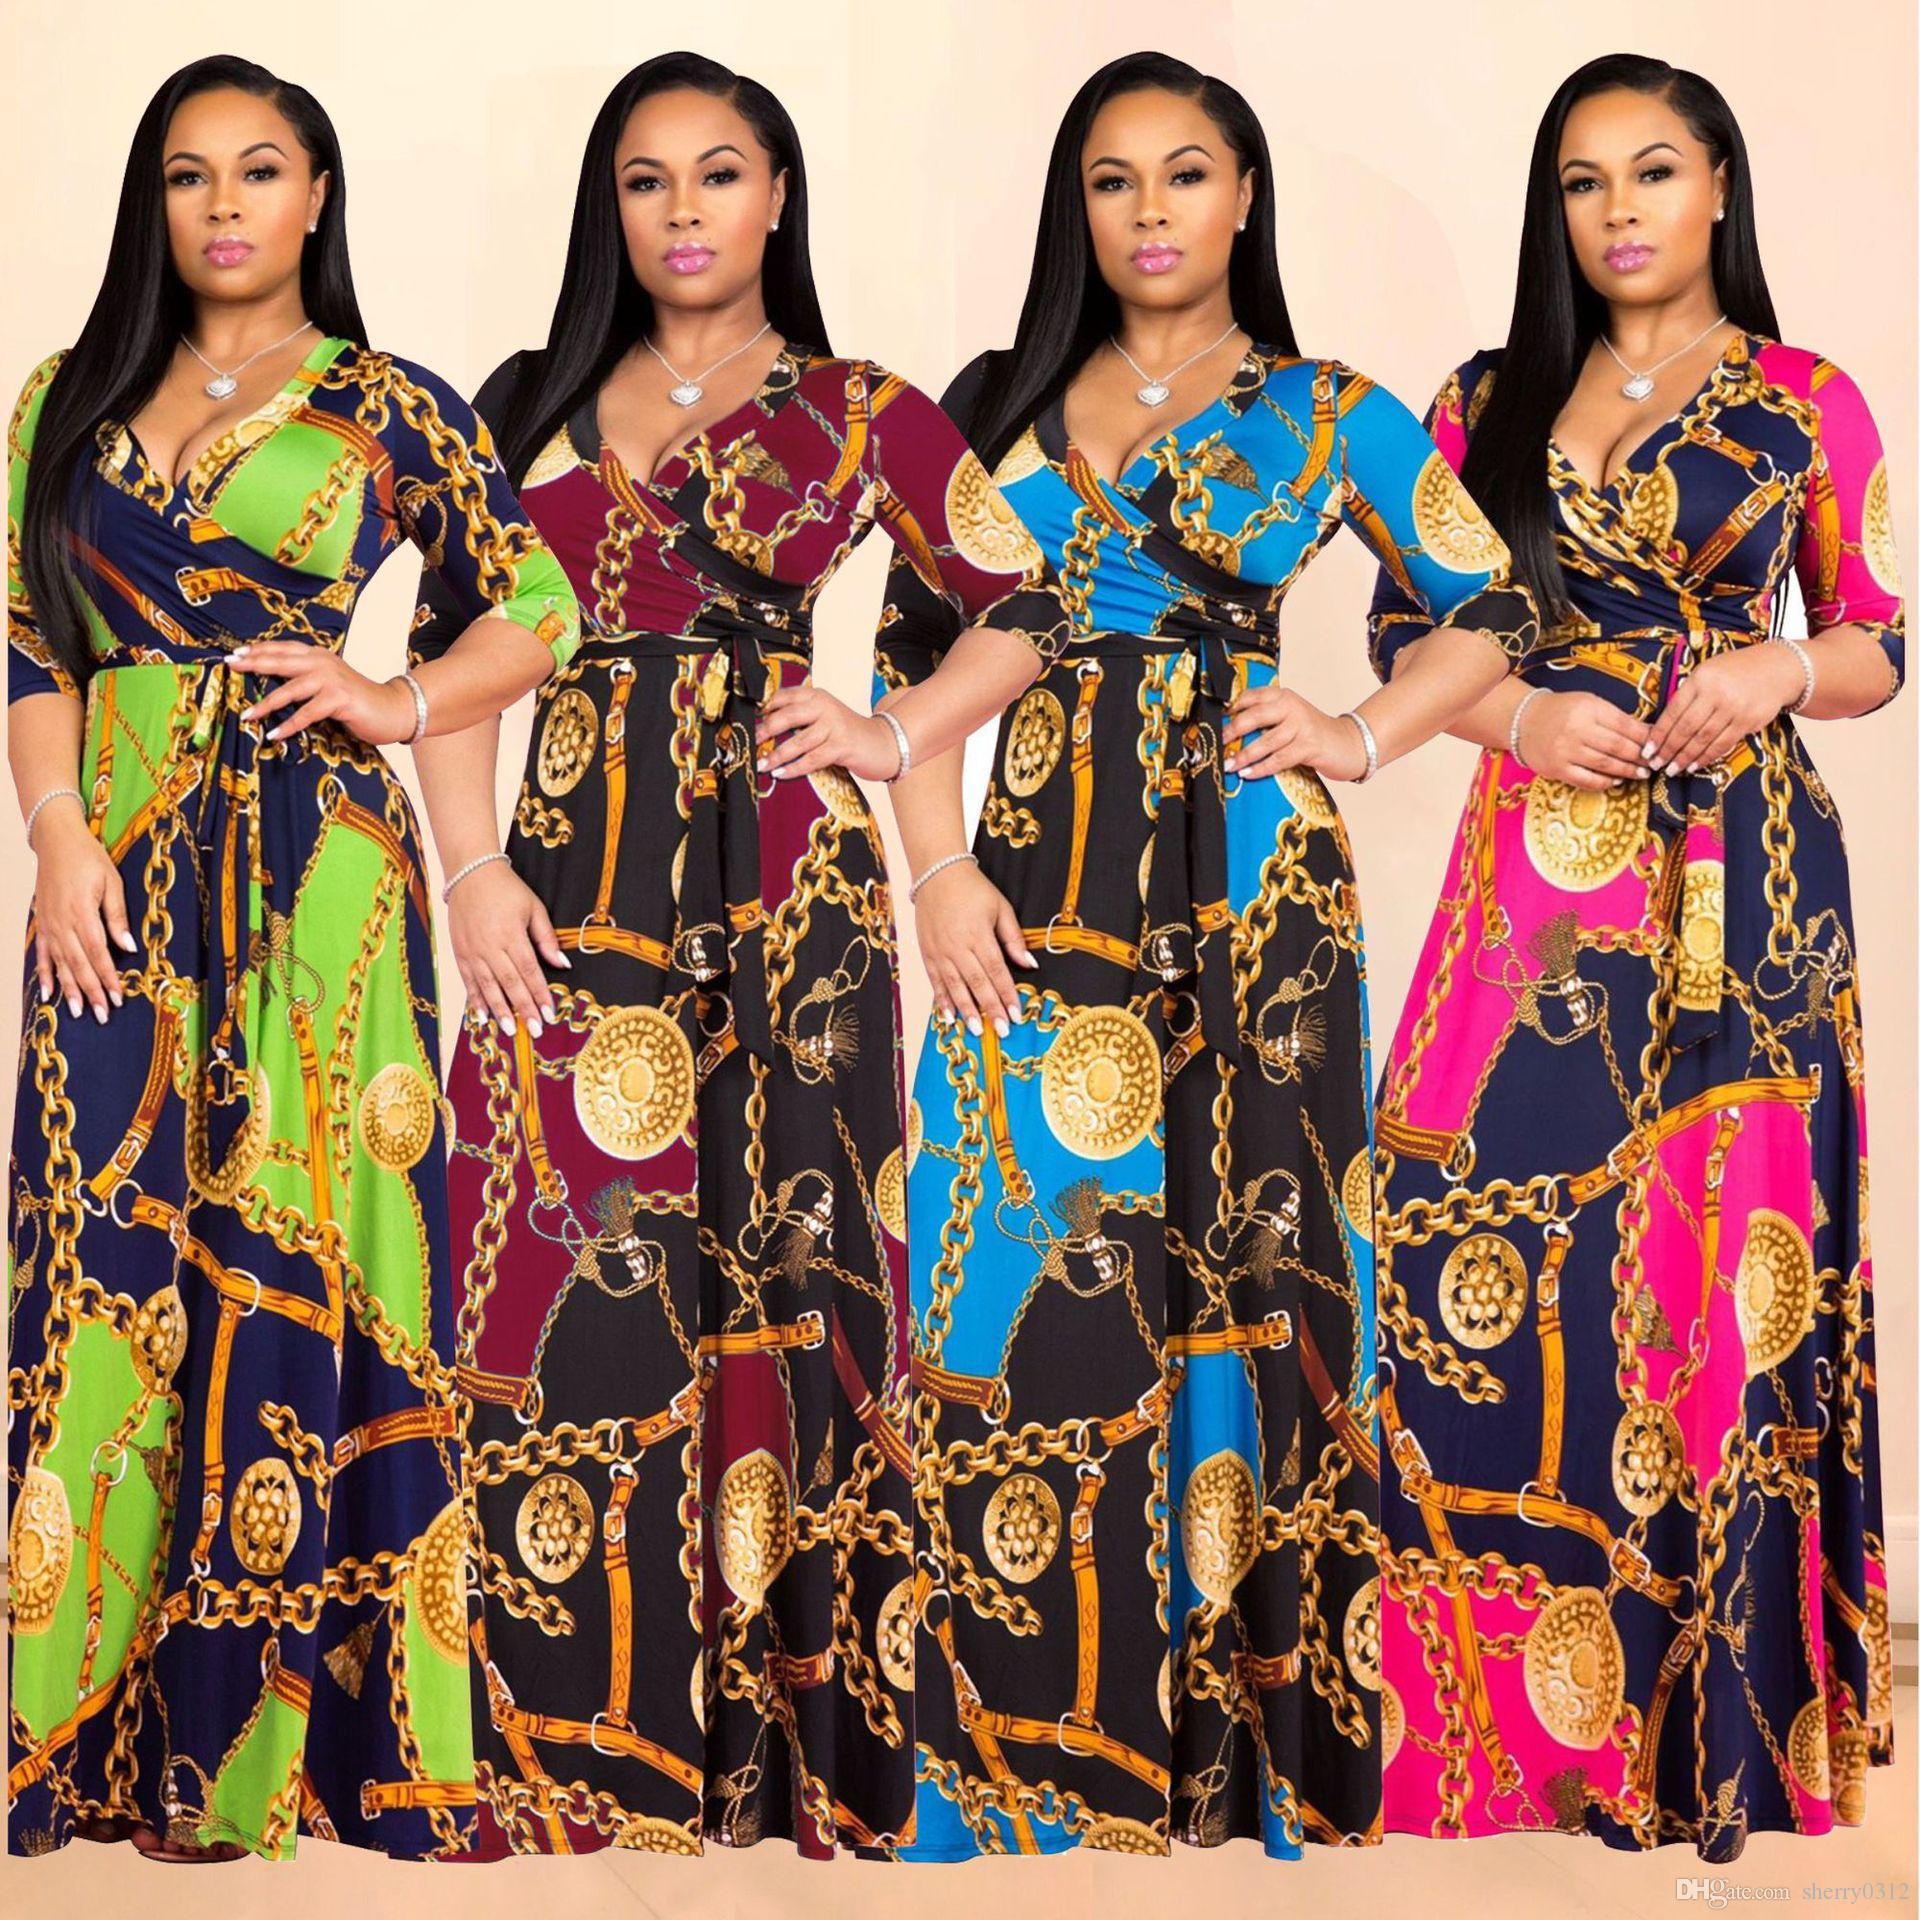 2019 Printemps Femmes Maxi Dress Traditionnel Africain Imprimer Robe Longue Dashiki Élastique Élégant Dames Moulante Vintage Chaîne Imprimer Plus La taille 3XL